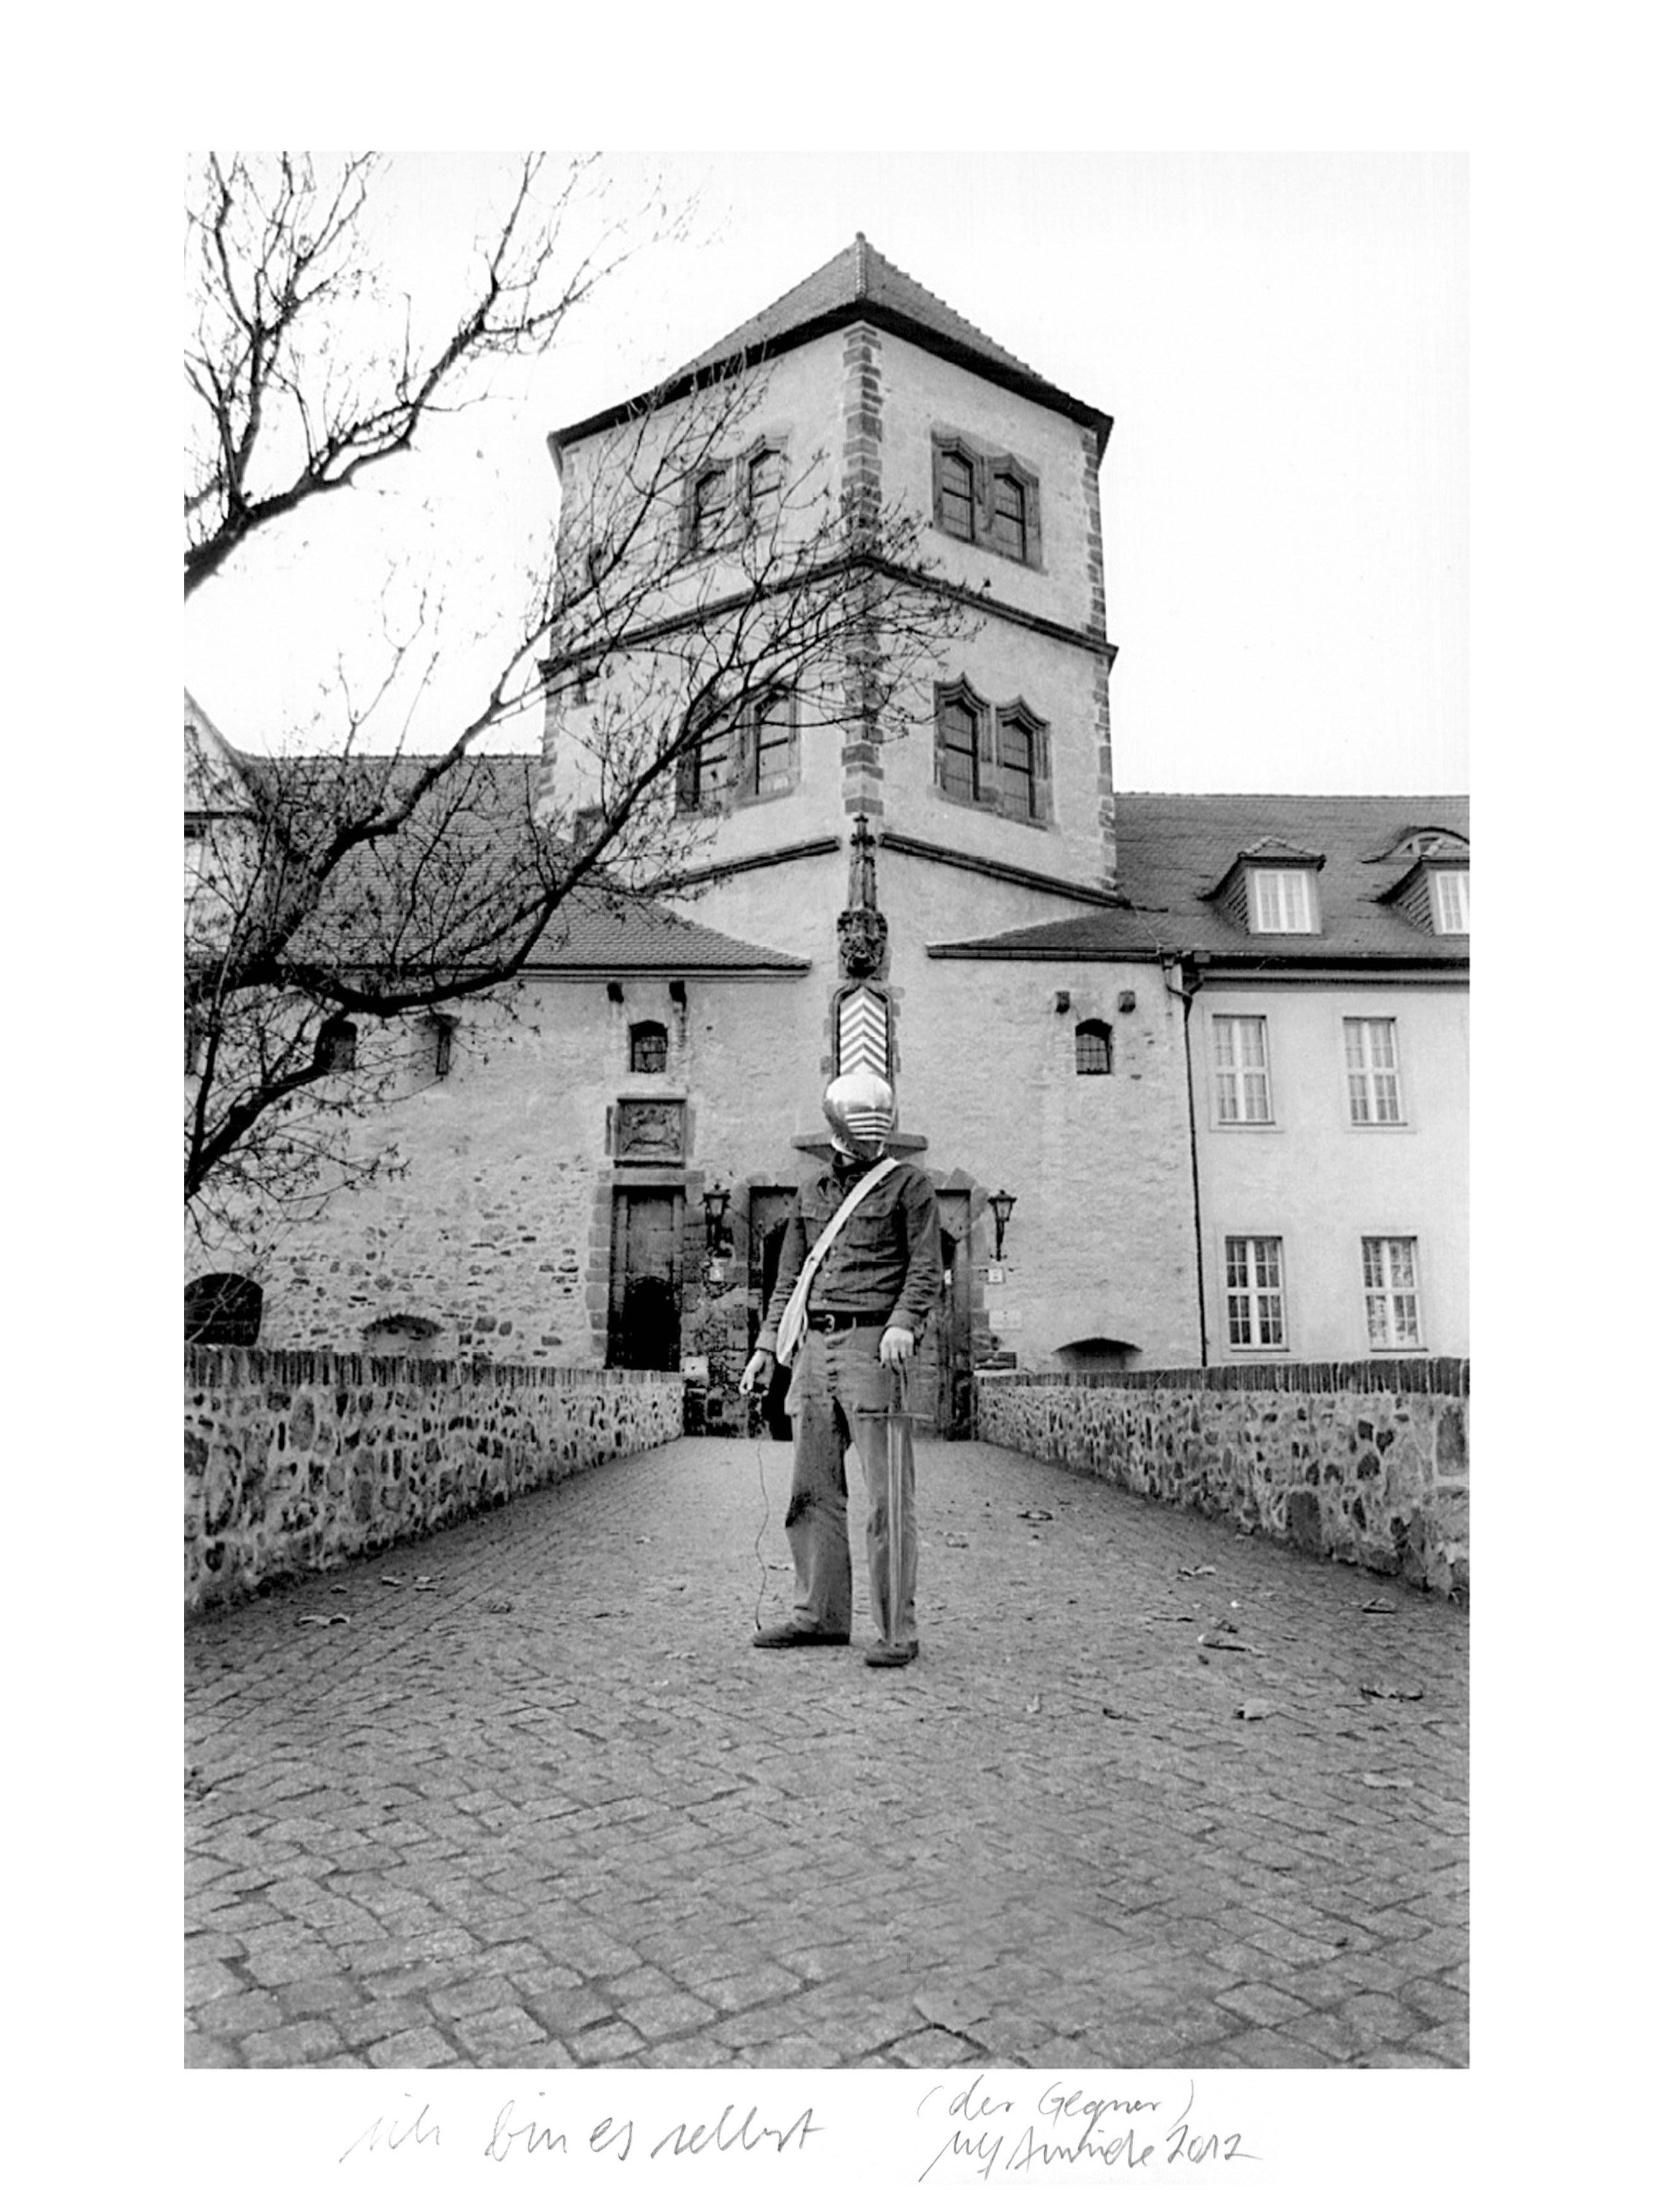 Ulf Aminde - Ich übernehme Verantwortung - Micha weiß Bescheid (Ich bin es selbst der Gegner), 2002 - 2012